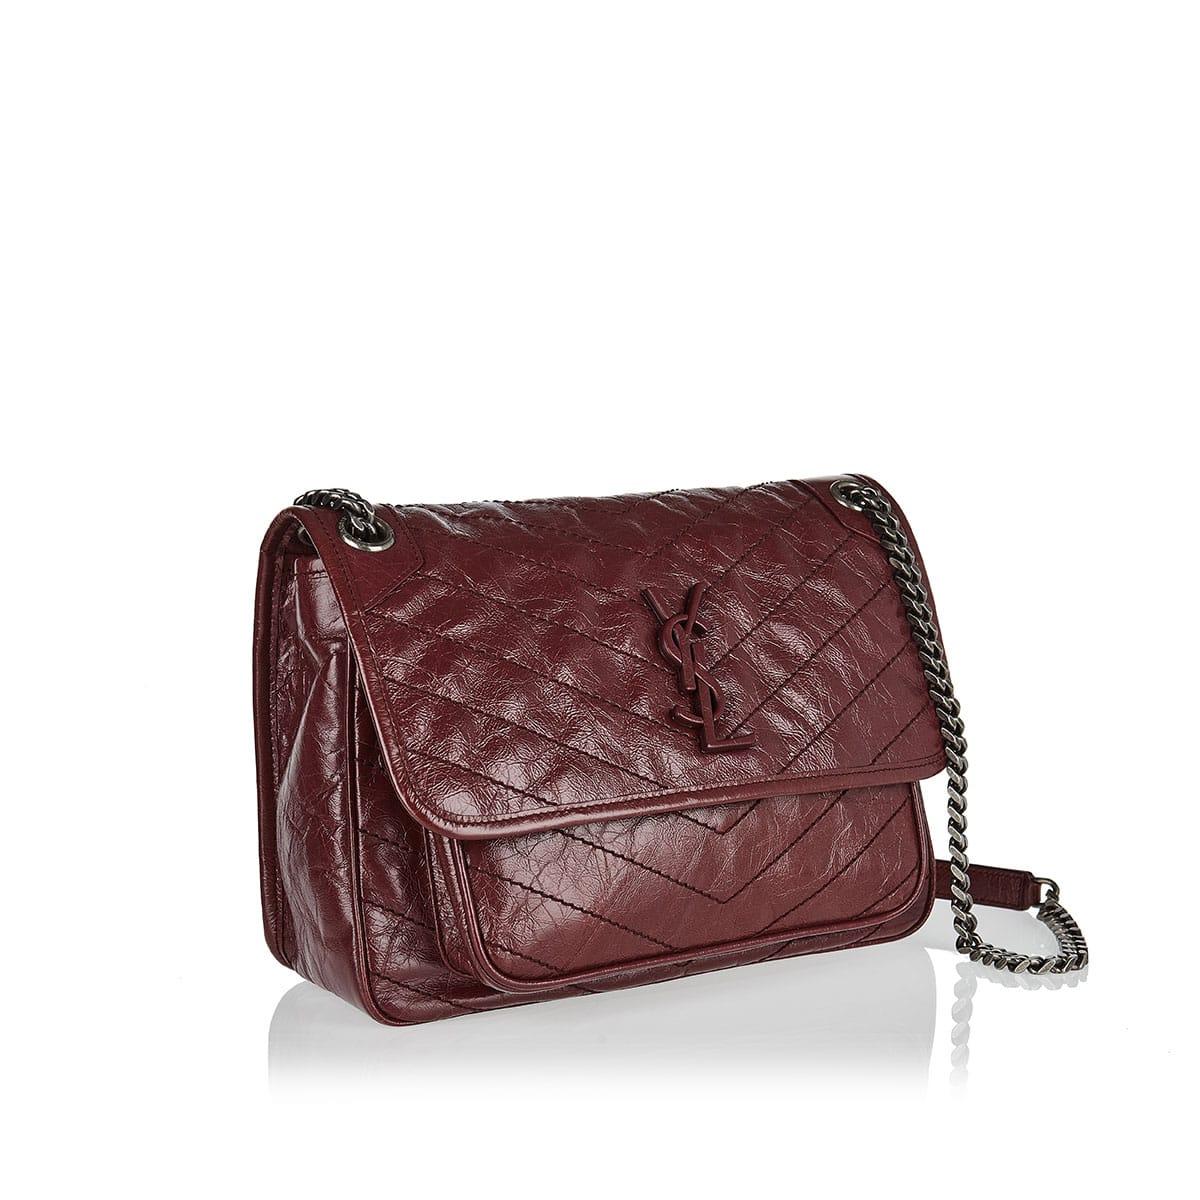 Medium Niki leather shoulder bag